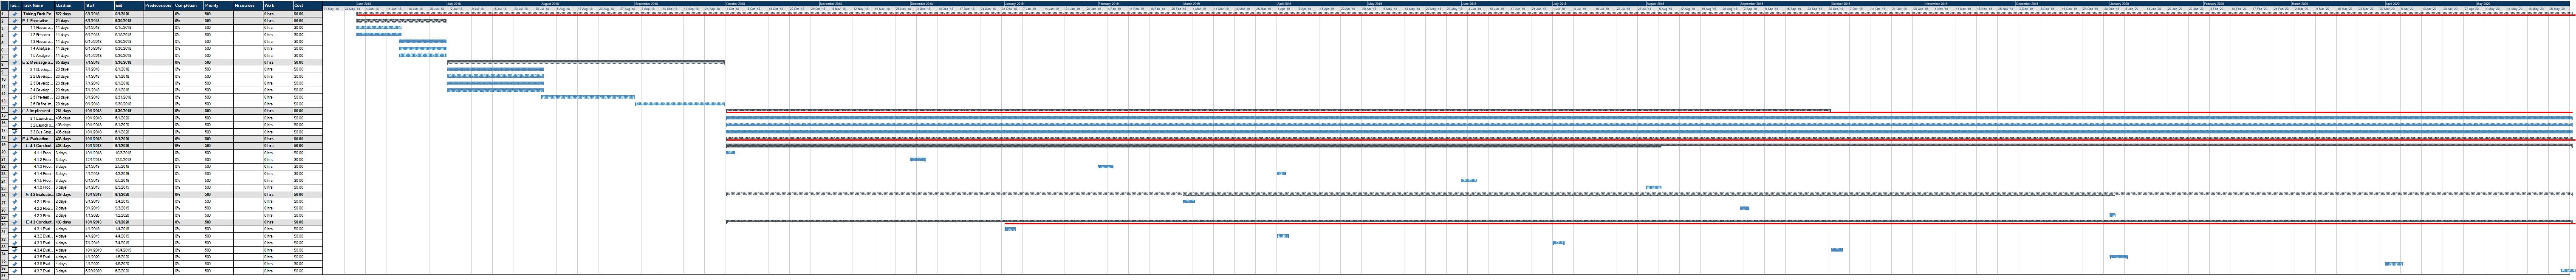 Taking Back Positive- Deceptivly Easyv2 Gantt Chart